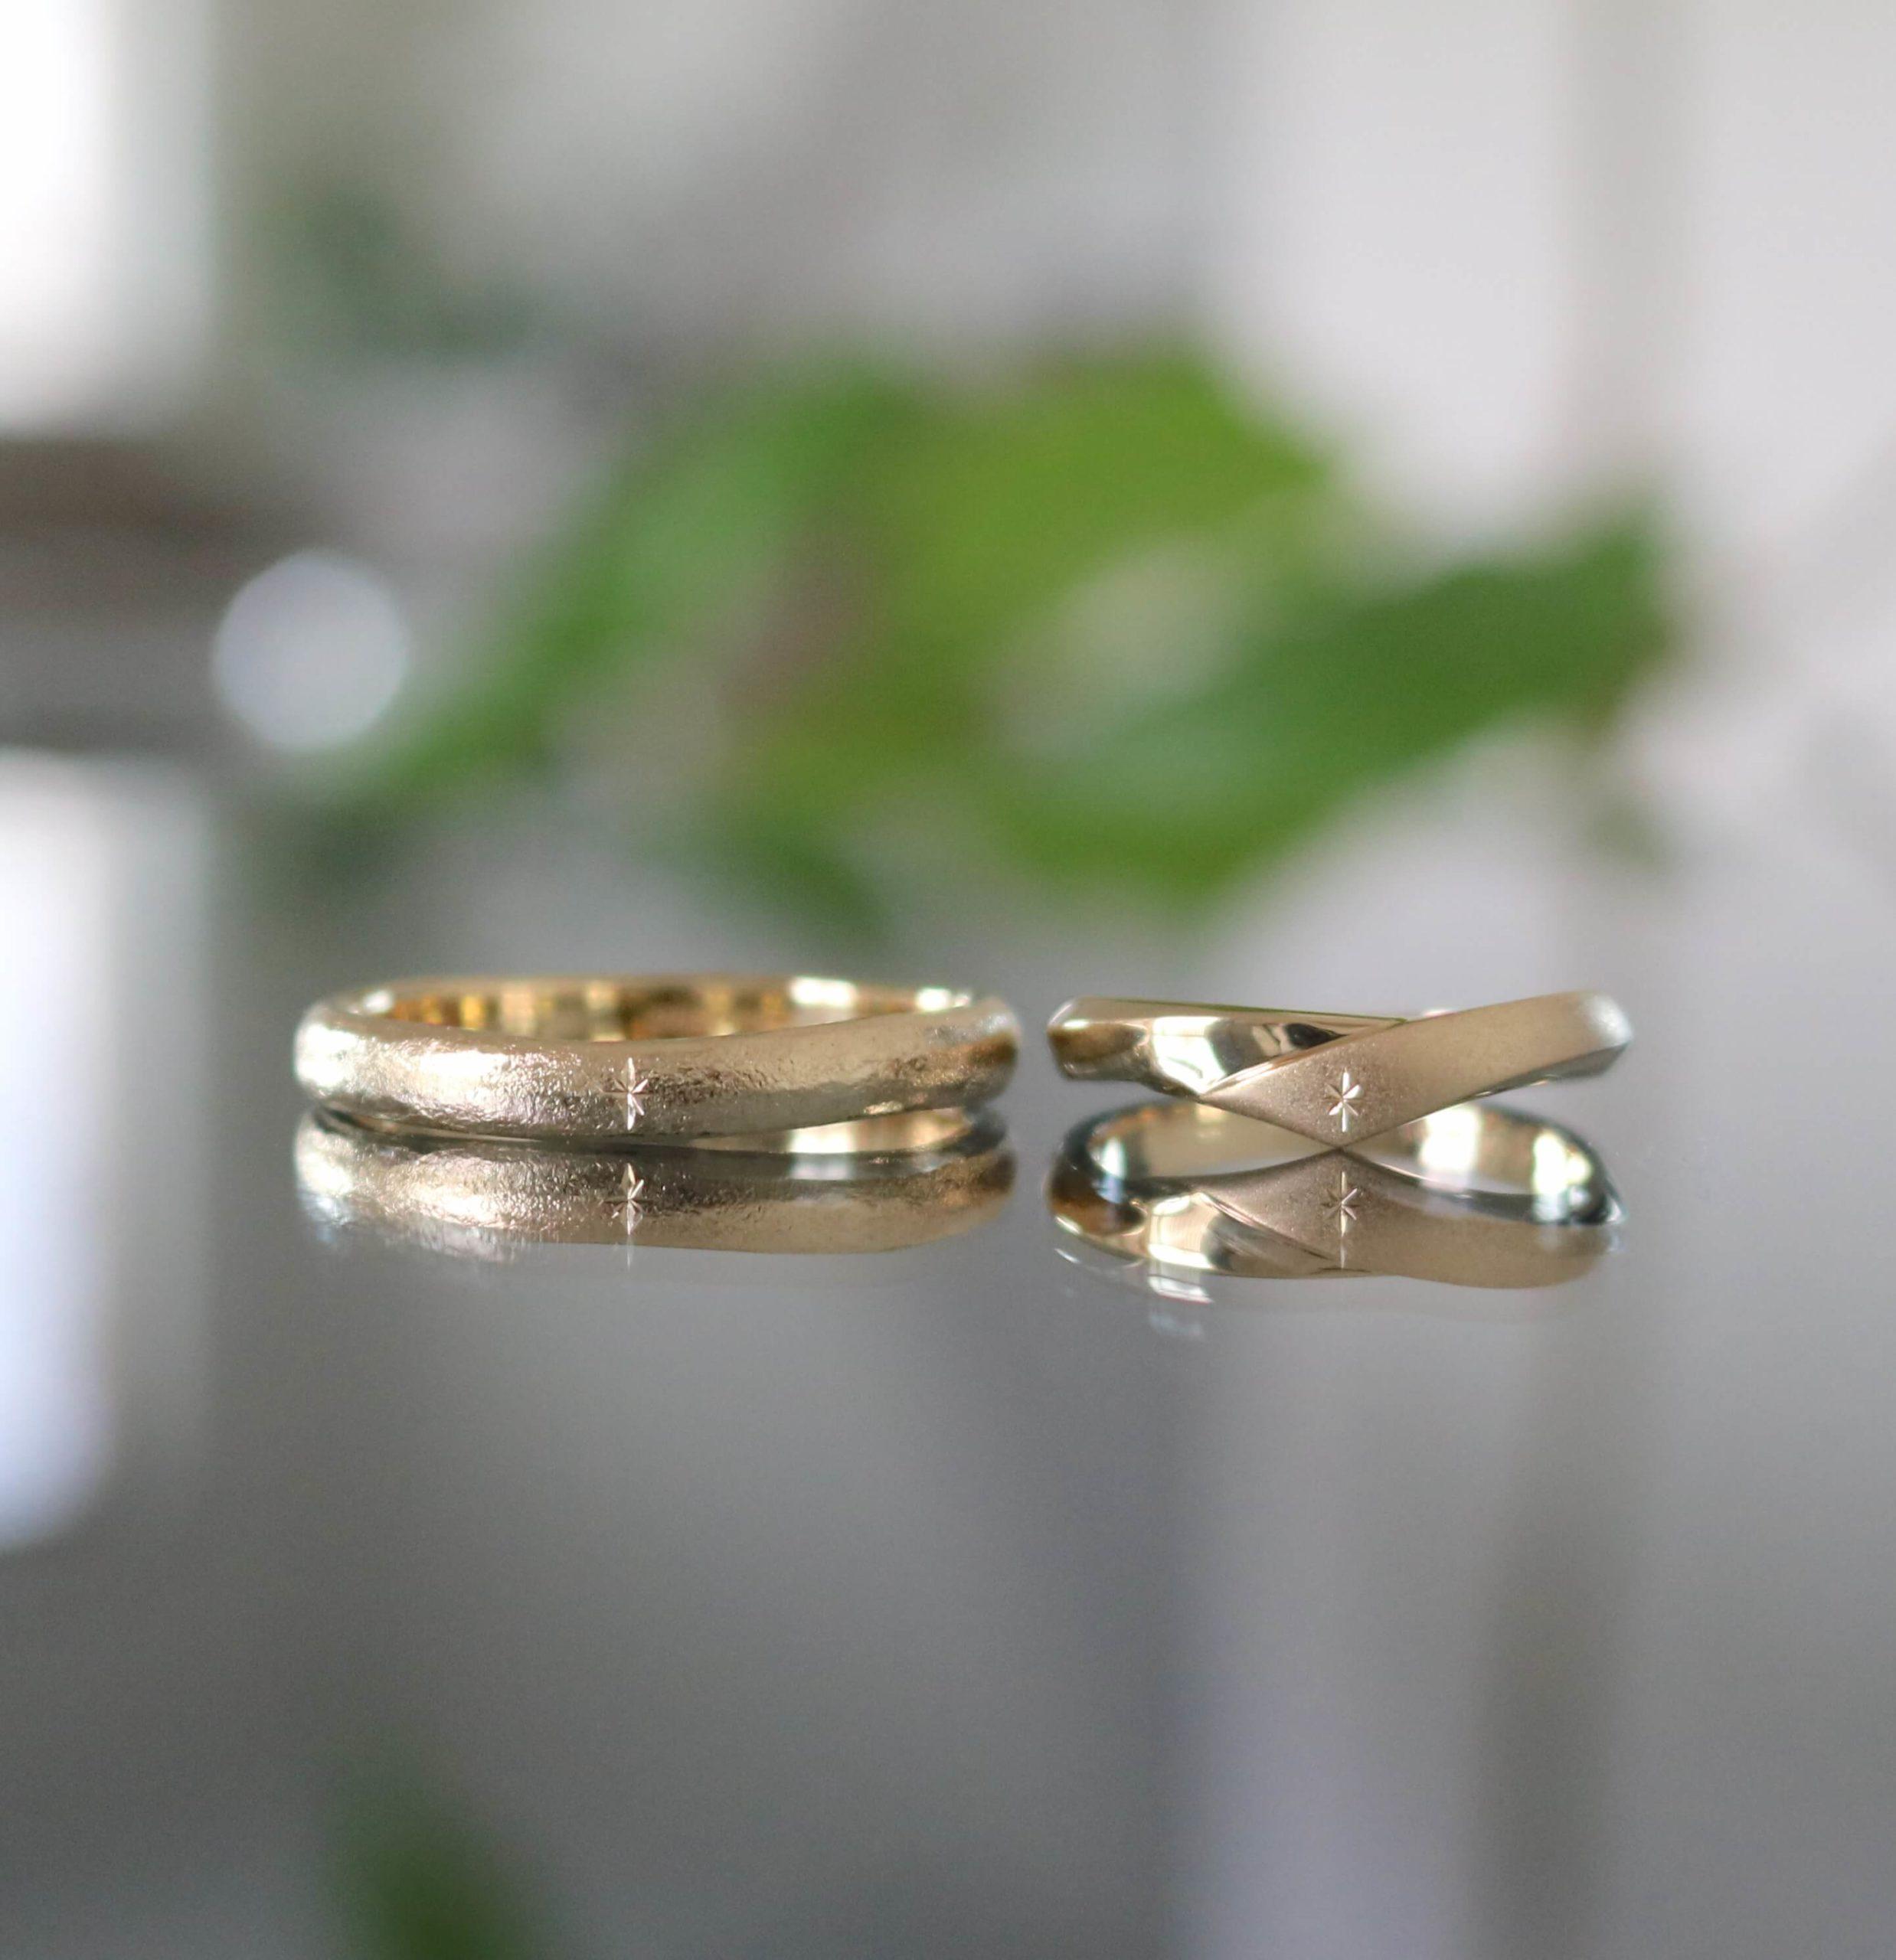 彫り模様をお揃いで施した、アンティークな印象の結婚指輪